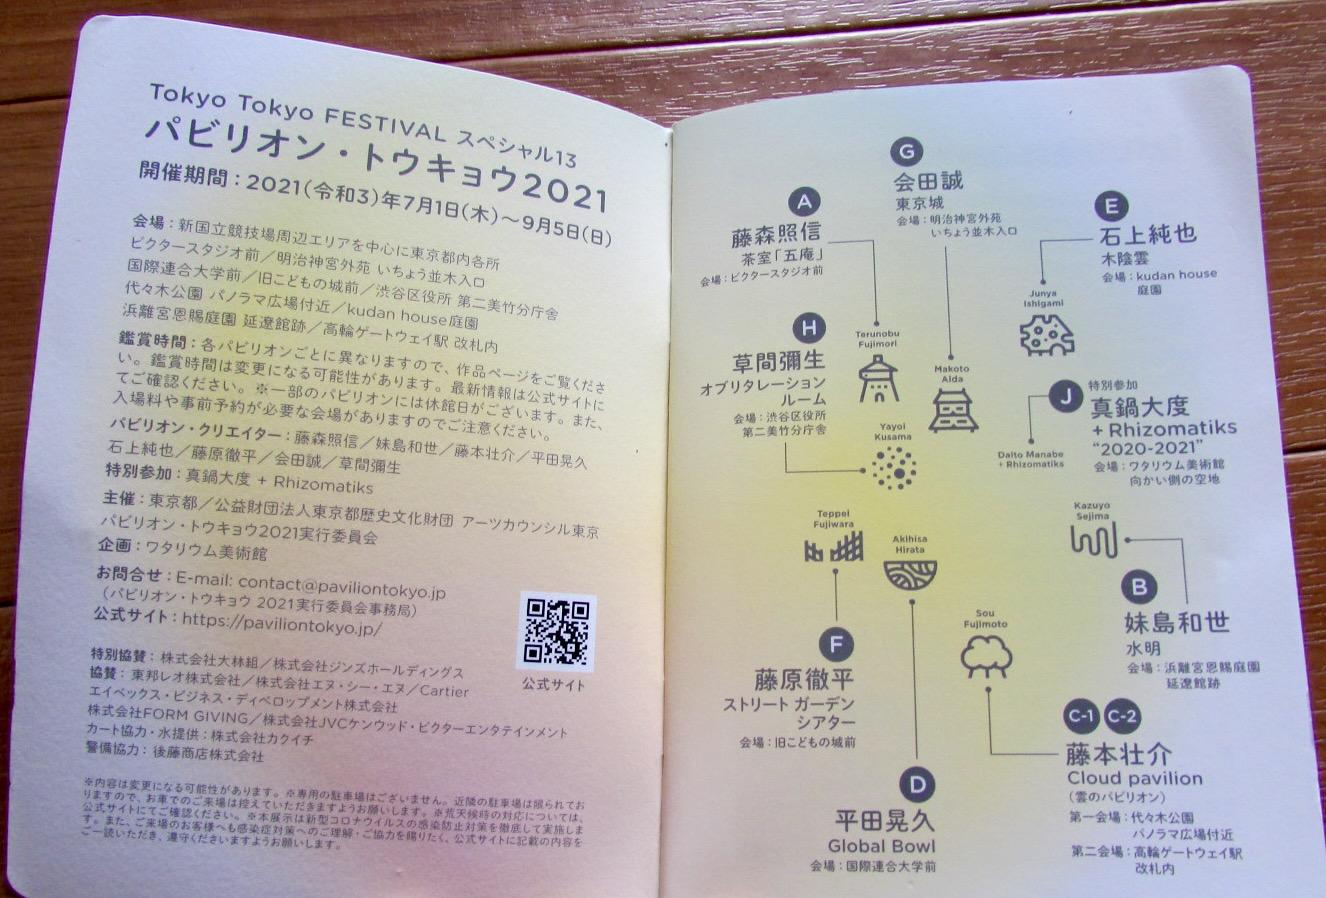 f:id:hiro-jp:20210715094310j:plain